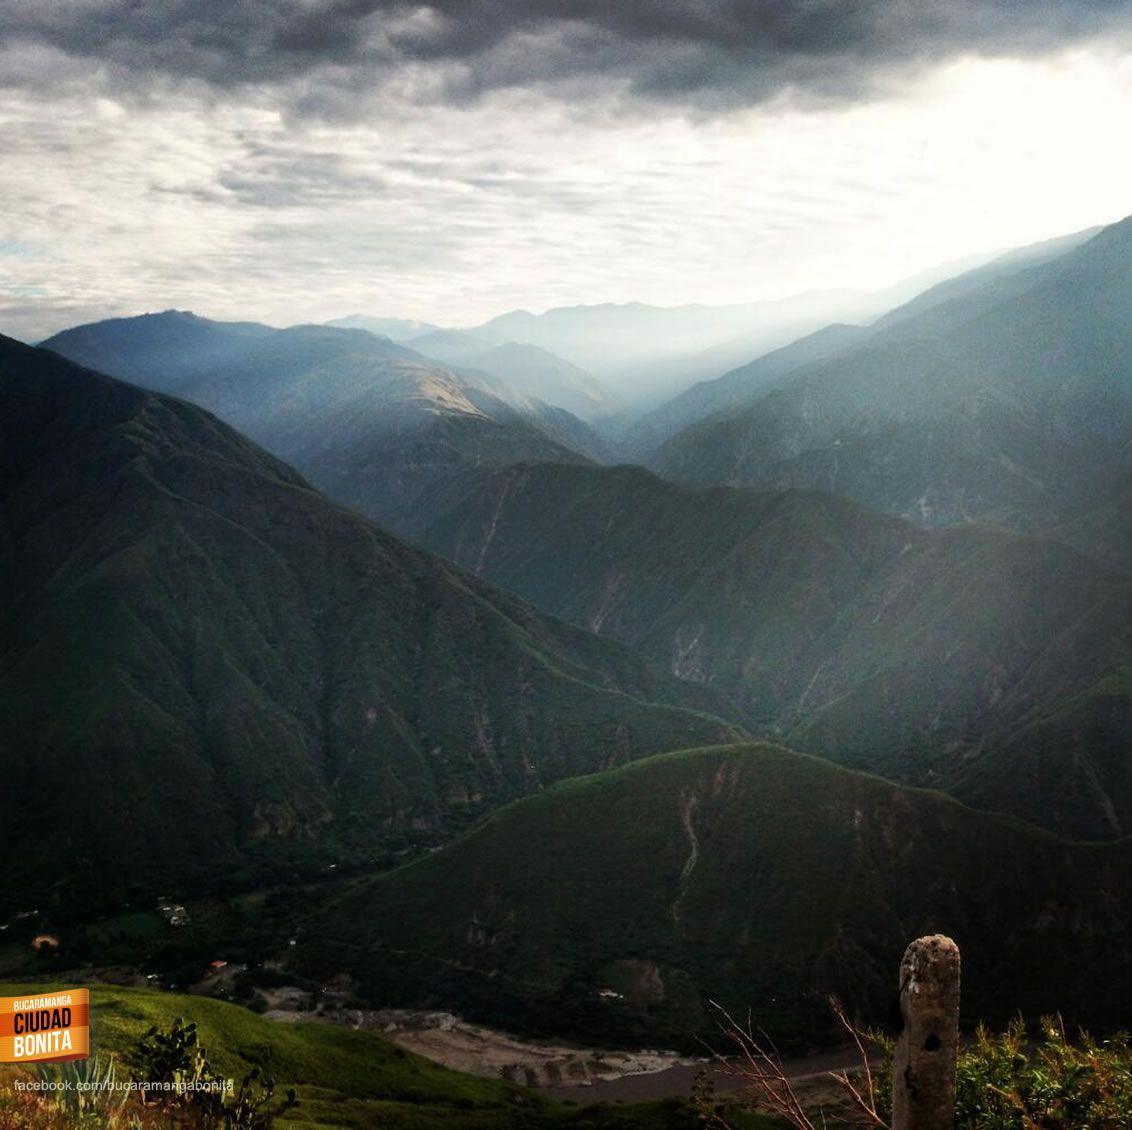 Amanecer en el imponente Cañón del Chicamocha, gracias @colombiaenfotos por compartir esta foto #CañonBUC